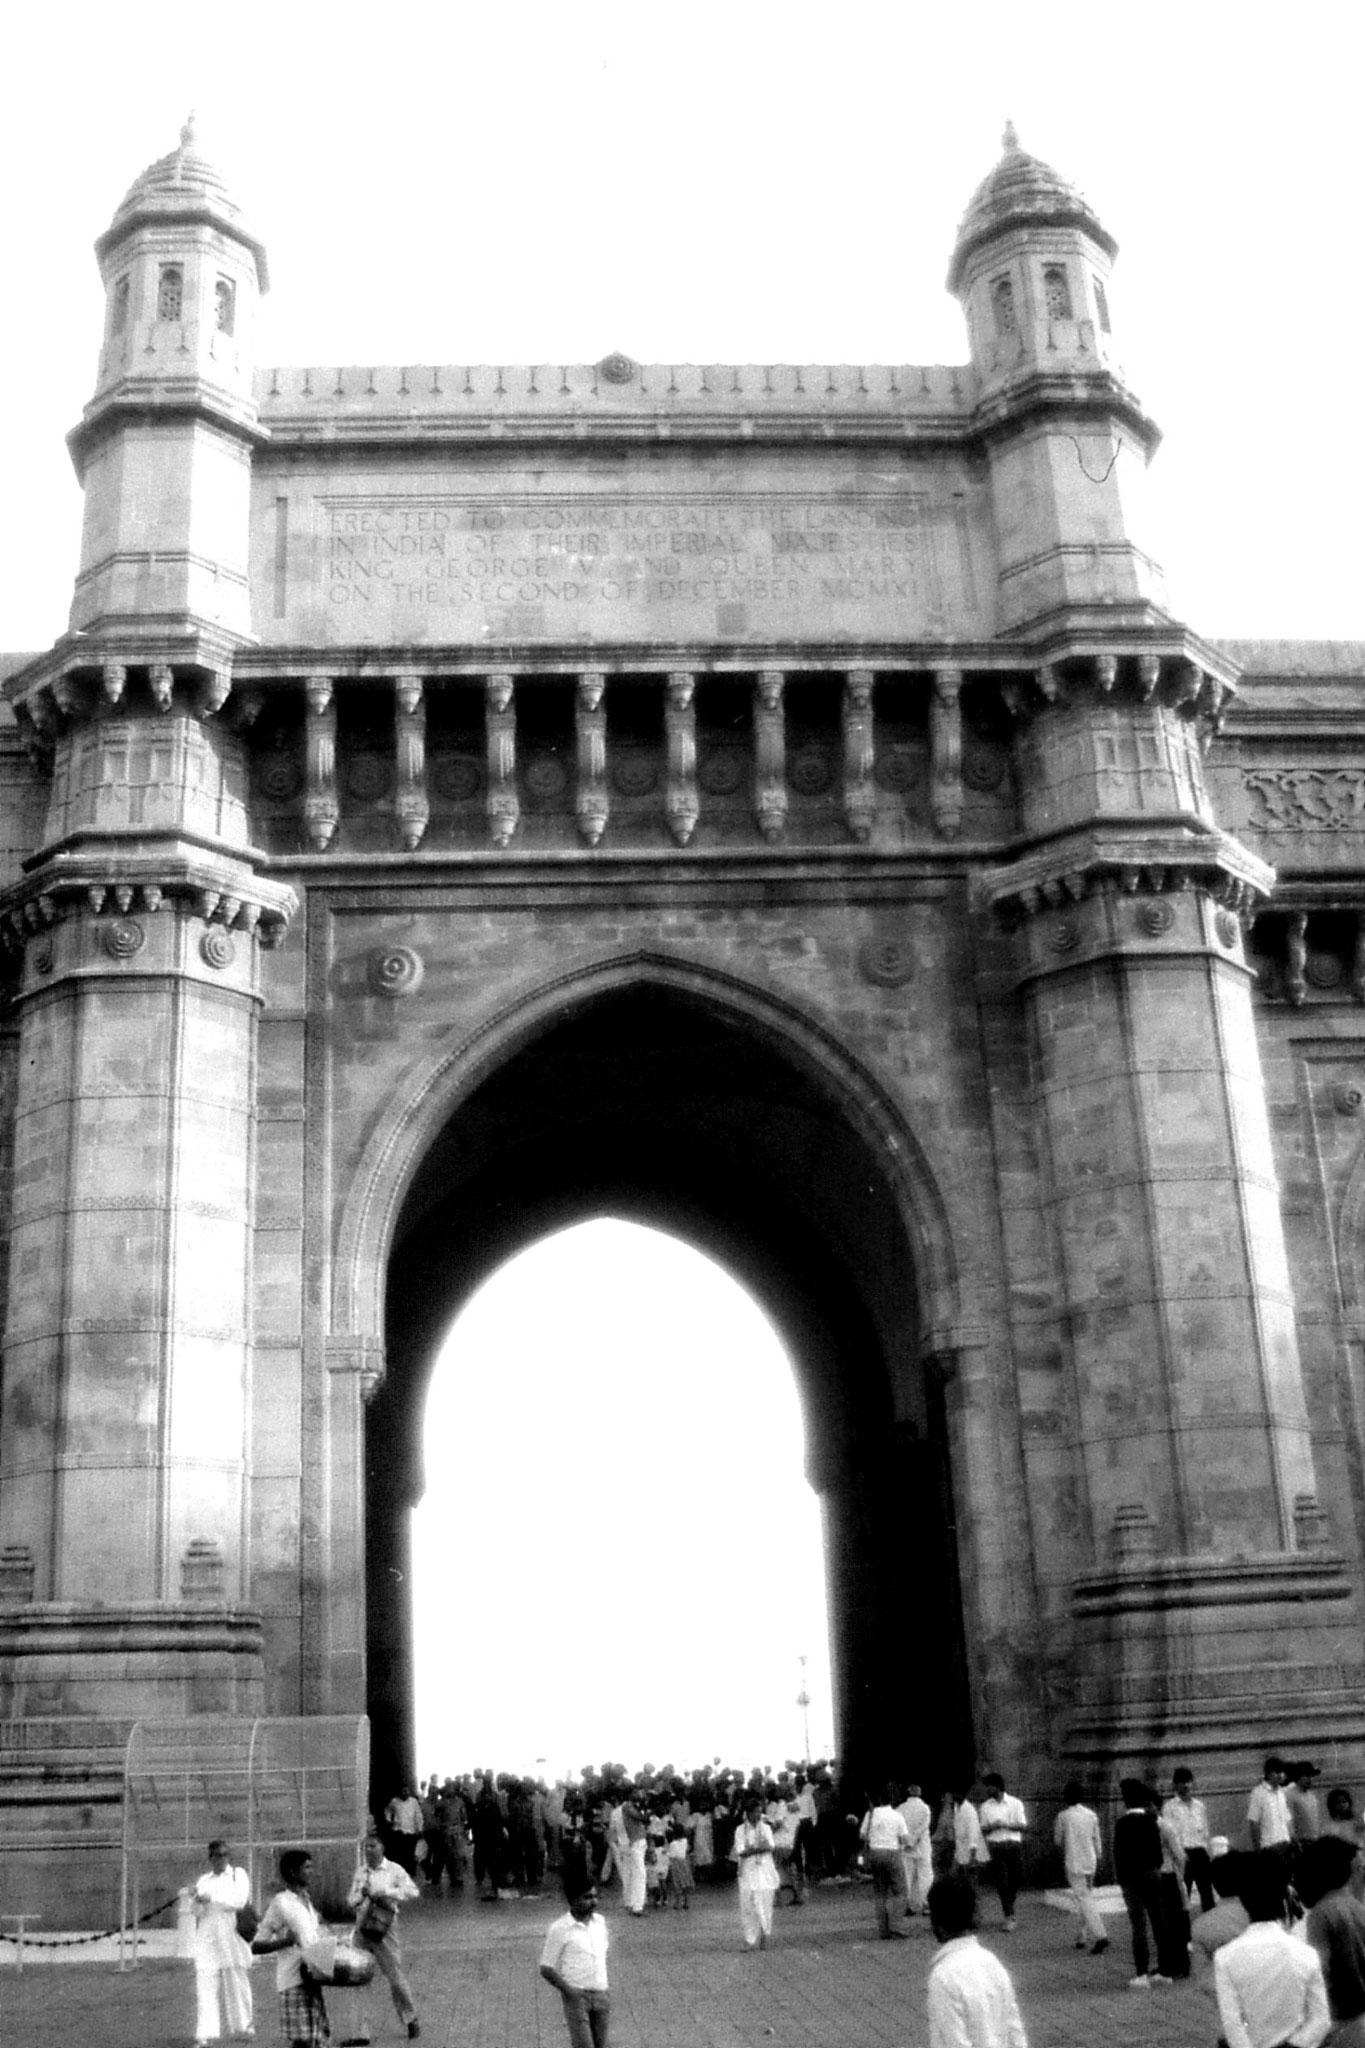 22/12/1989: 32: Bombay Gateway of India